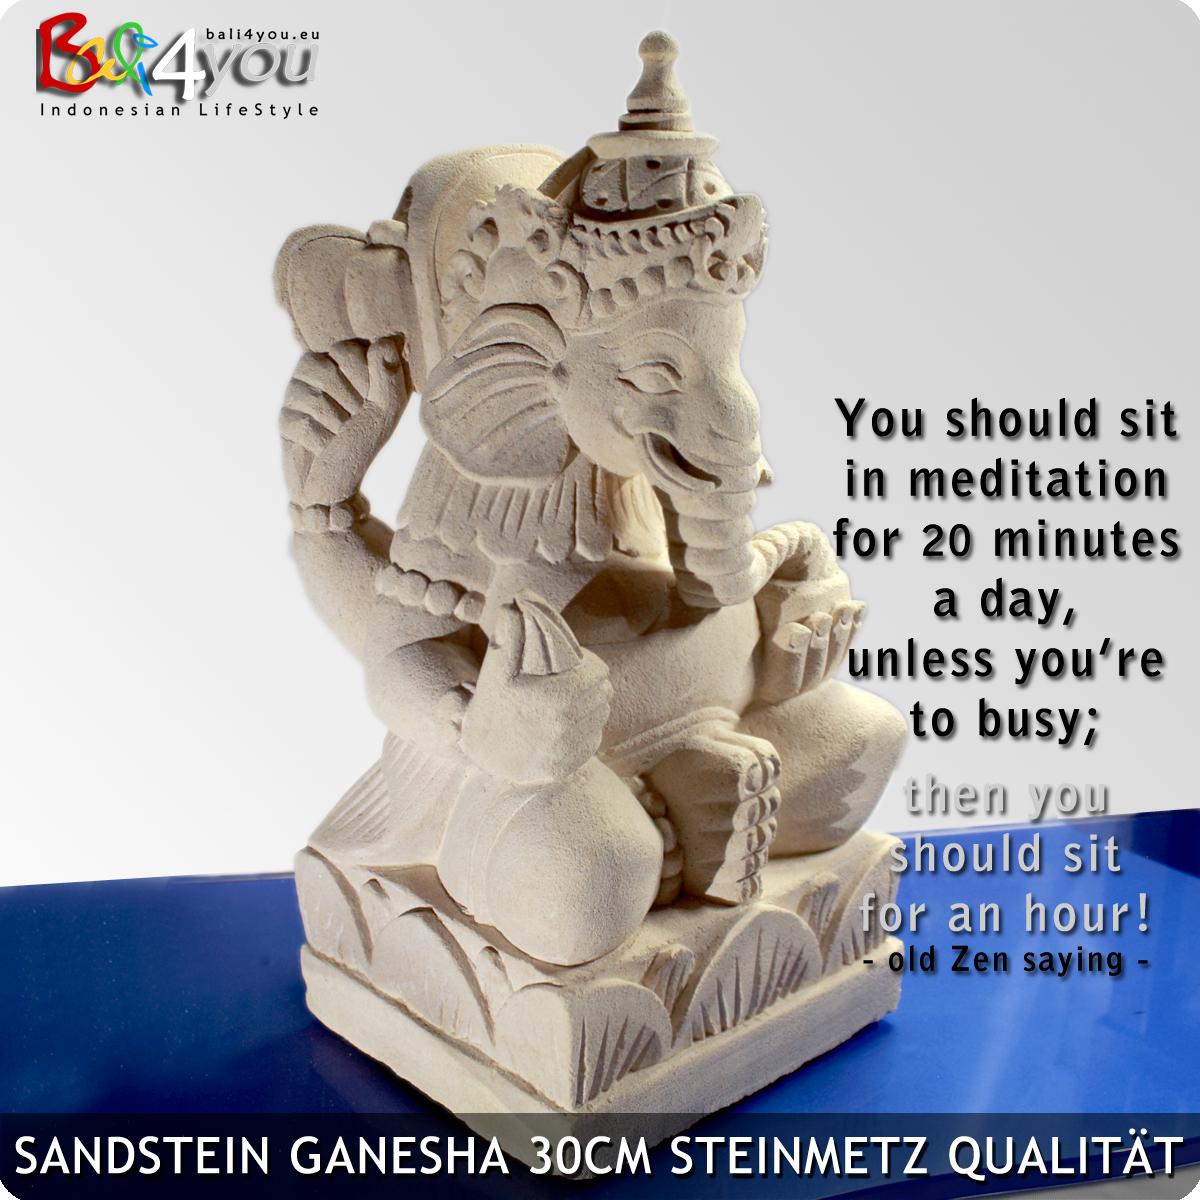 Sandstein Ganesha 30cm